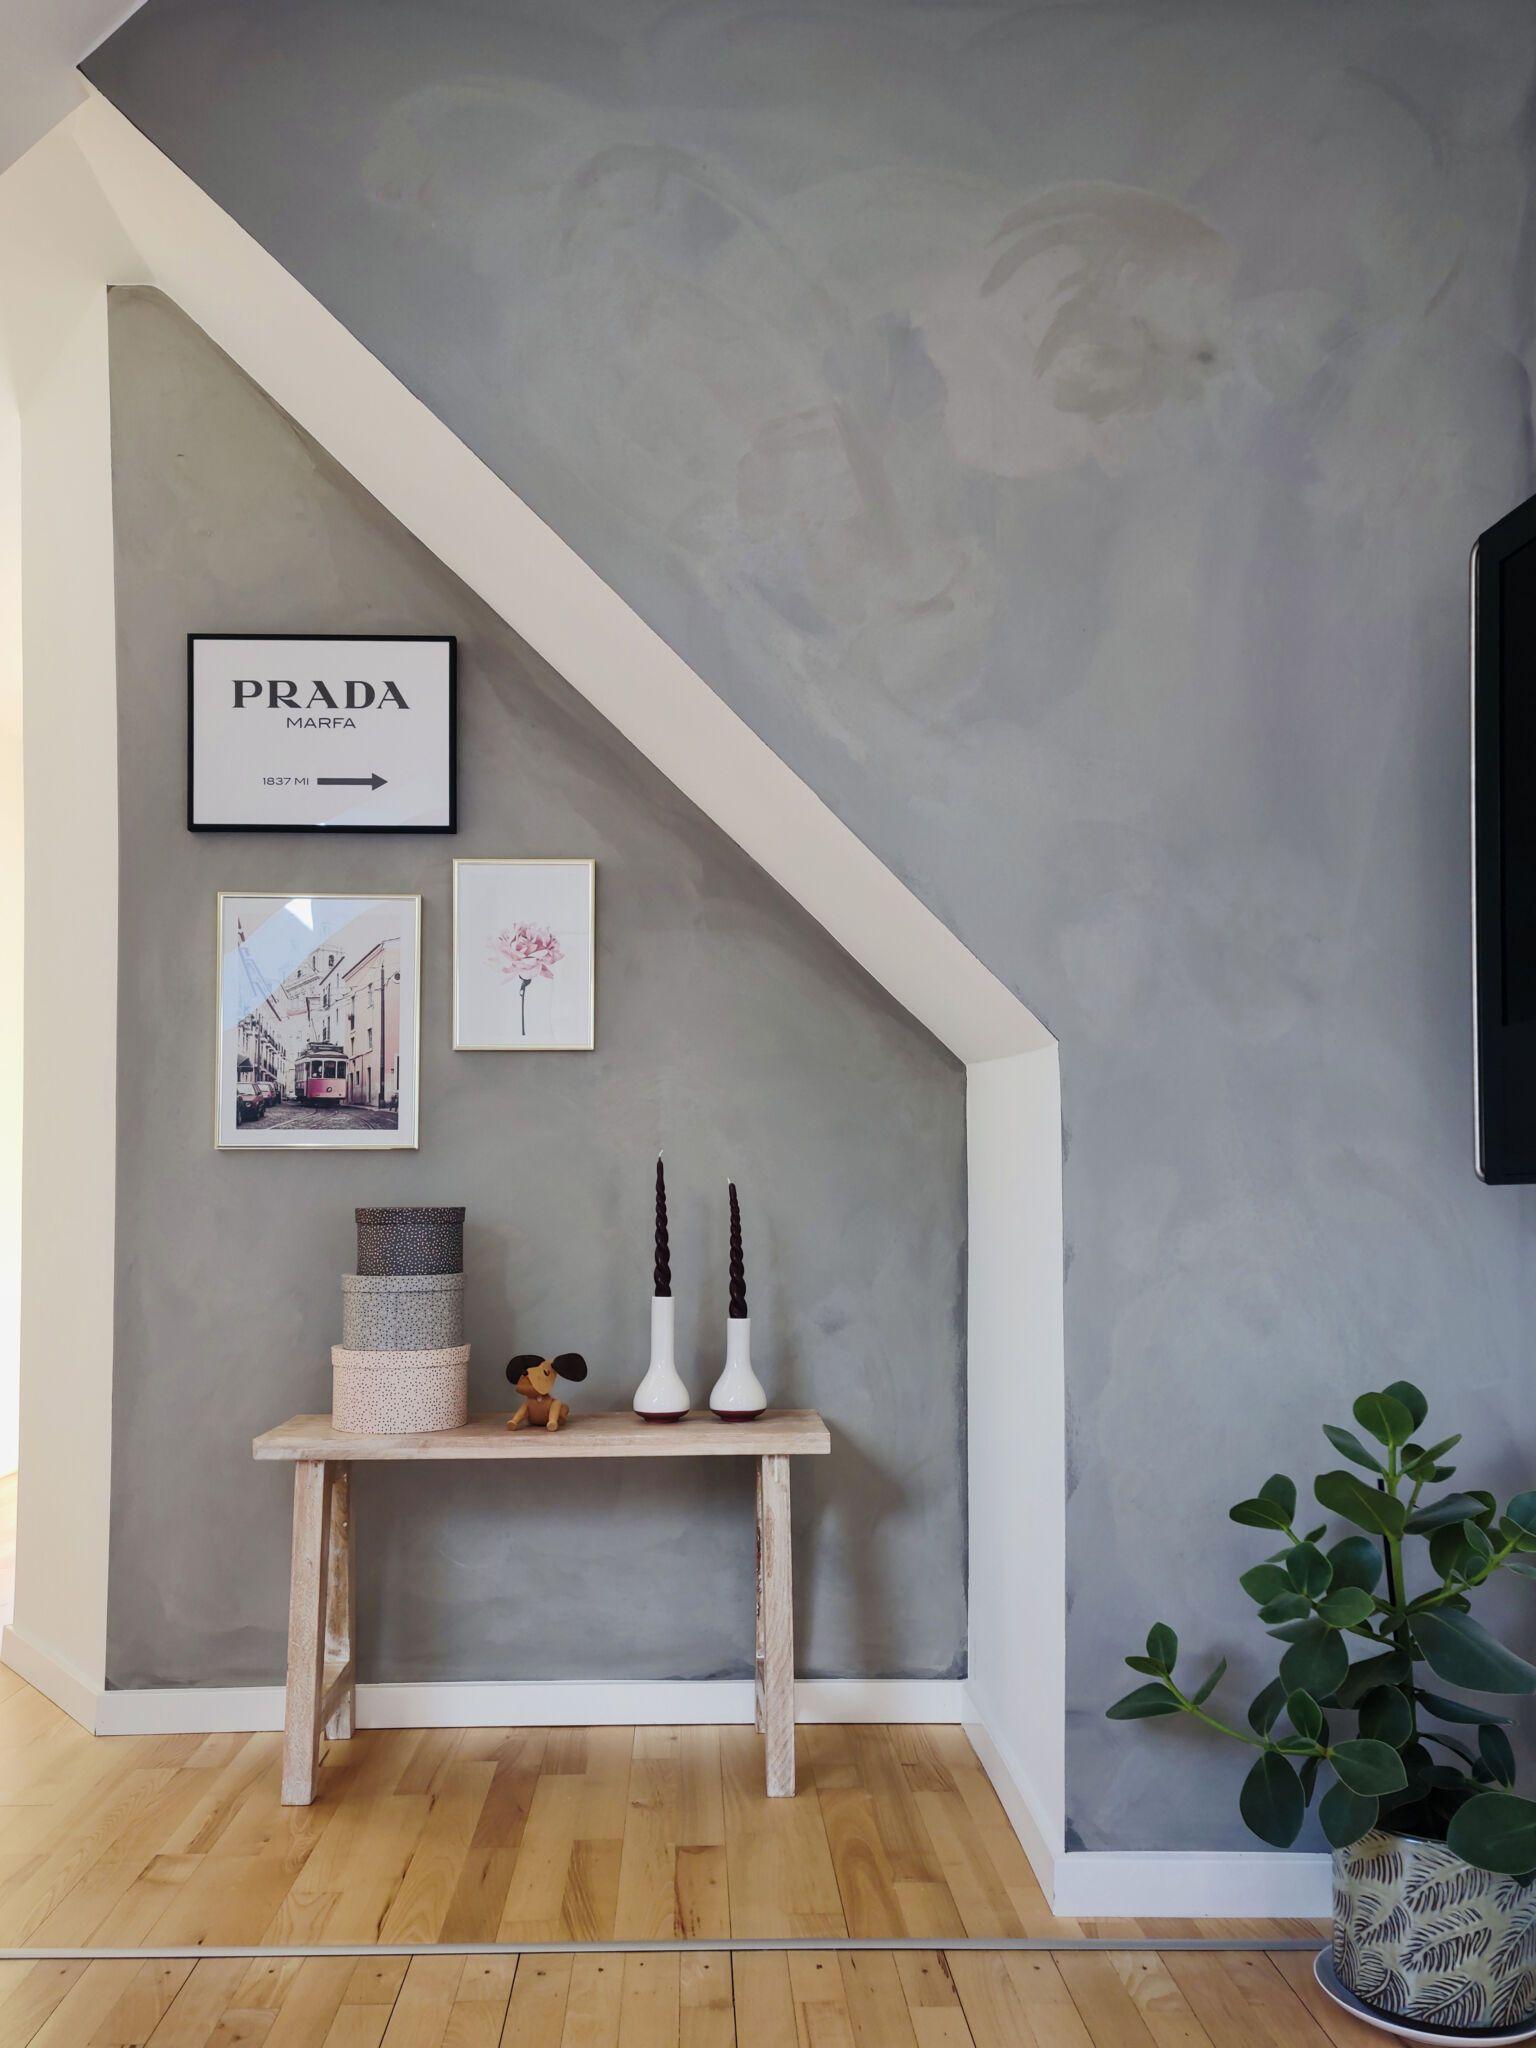 Contec coating til væggen - et alternativ til maling og microcement